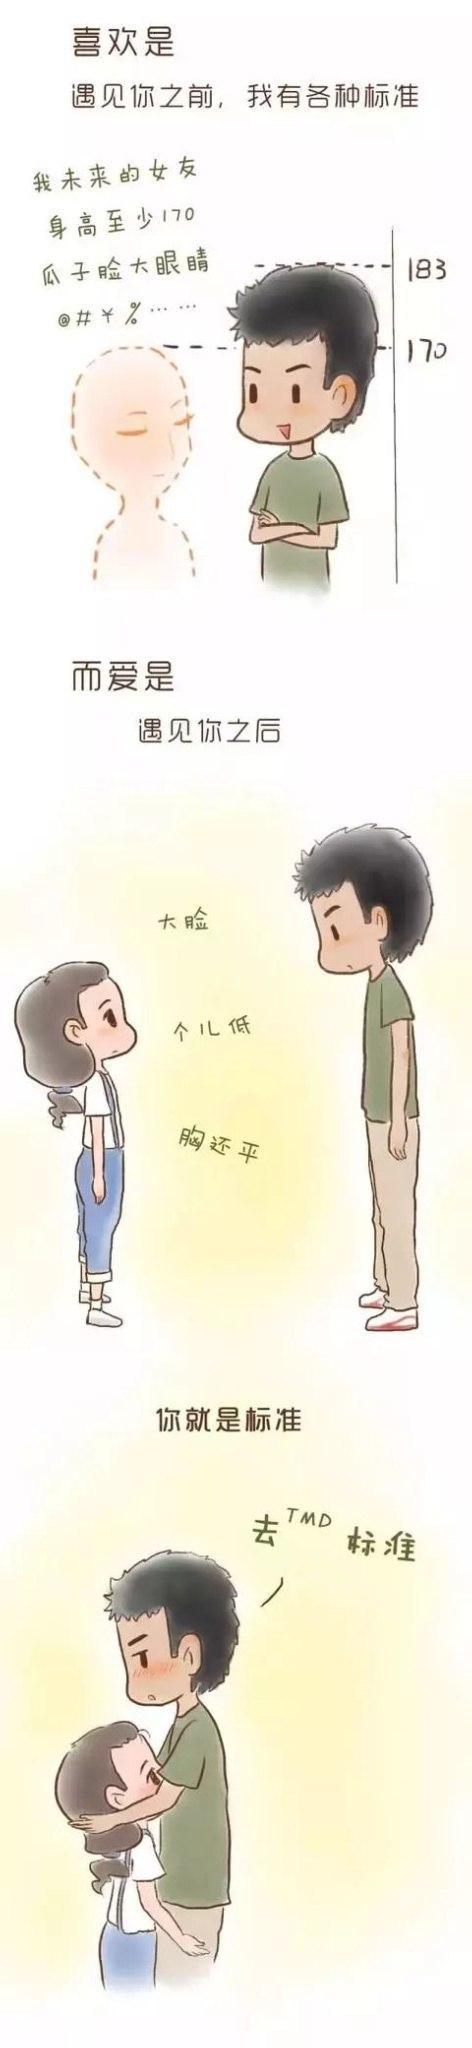 男生和女生, 对待喜欢跟爱的区别!